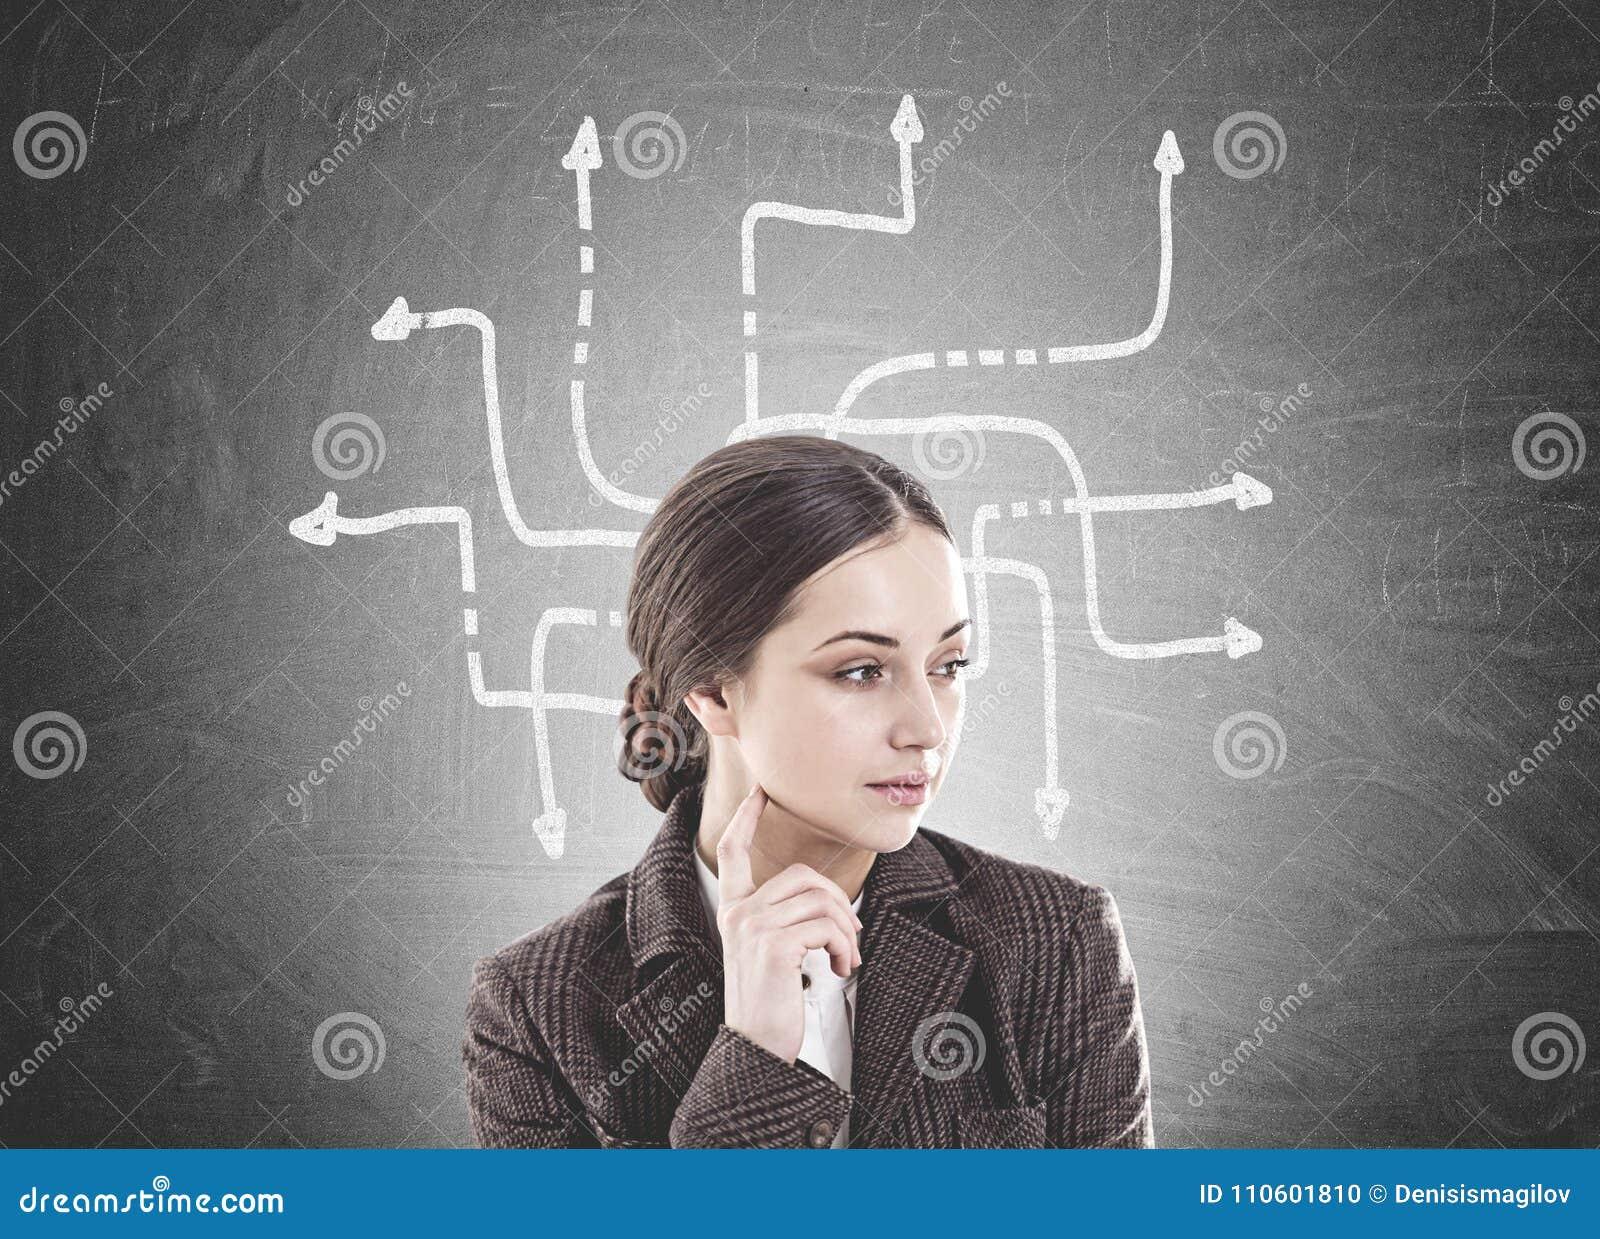 19ca69eb1d La mujer joven pensativa con el pelo oscuro largo que lleva un traje está  pensando Ella está mirando la situación oblicua cerca de una pizarra con un  ...